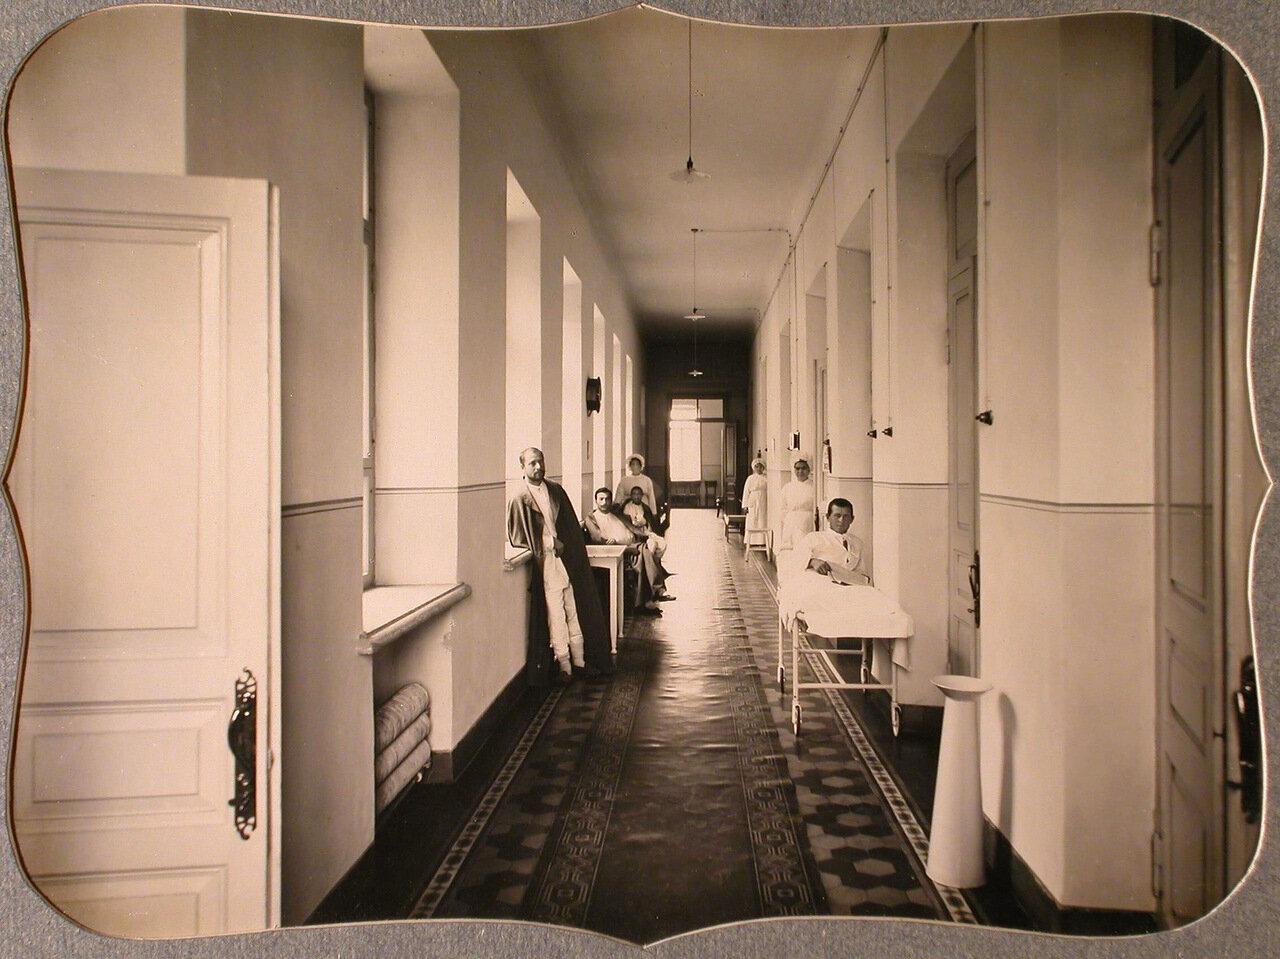 31. Сестры милосердия и раненые в восточном коридоре лазарета общины